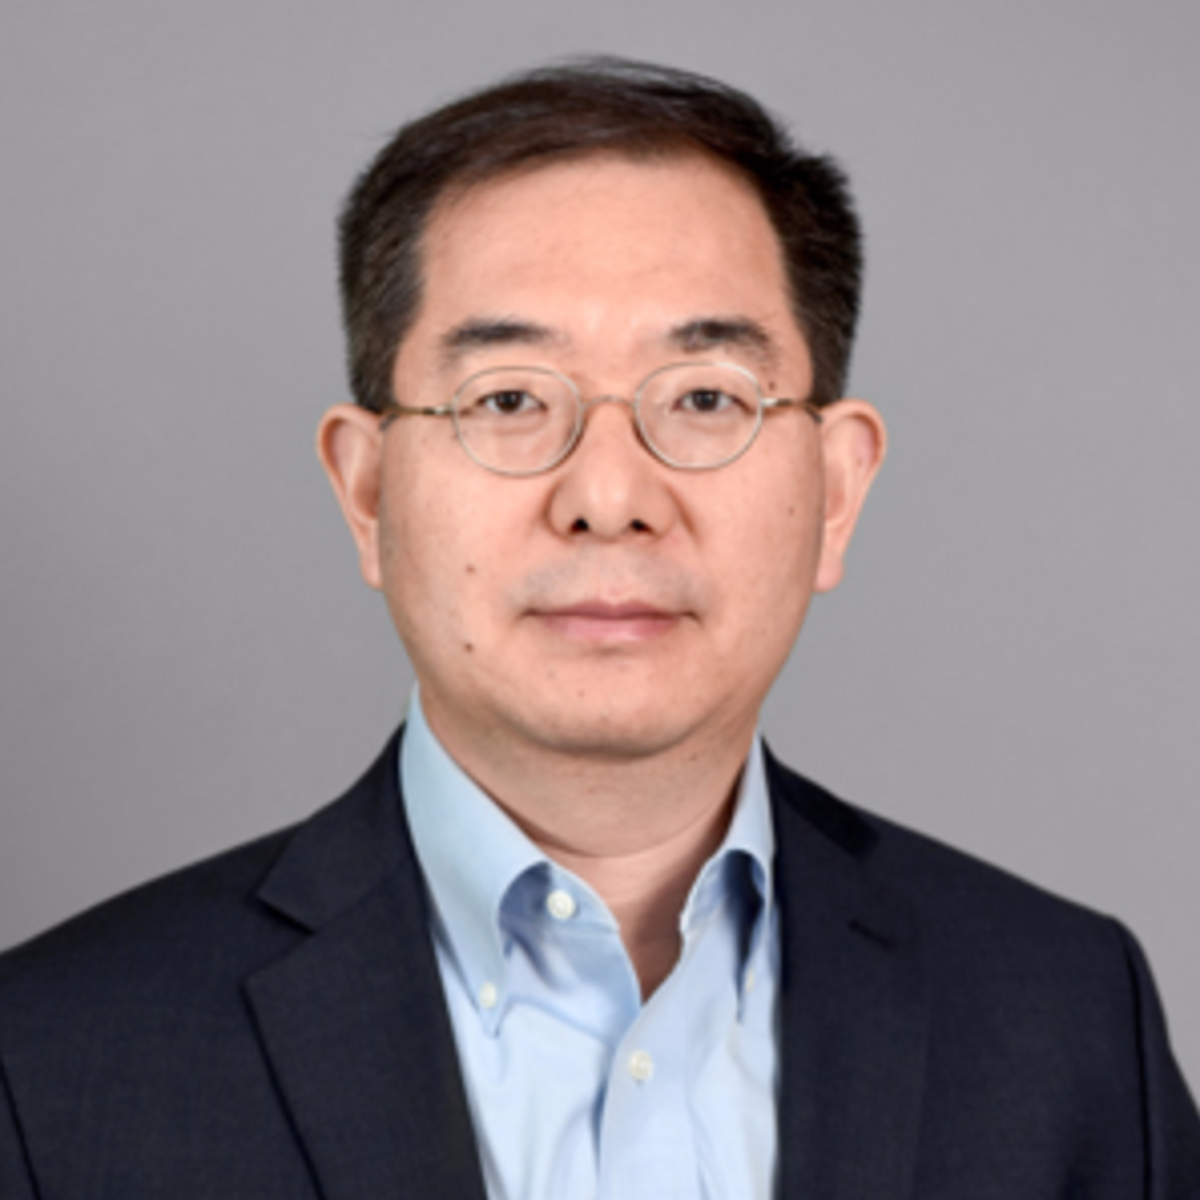 Dong Kyun Seo